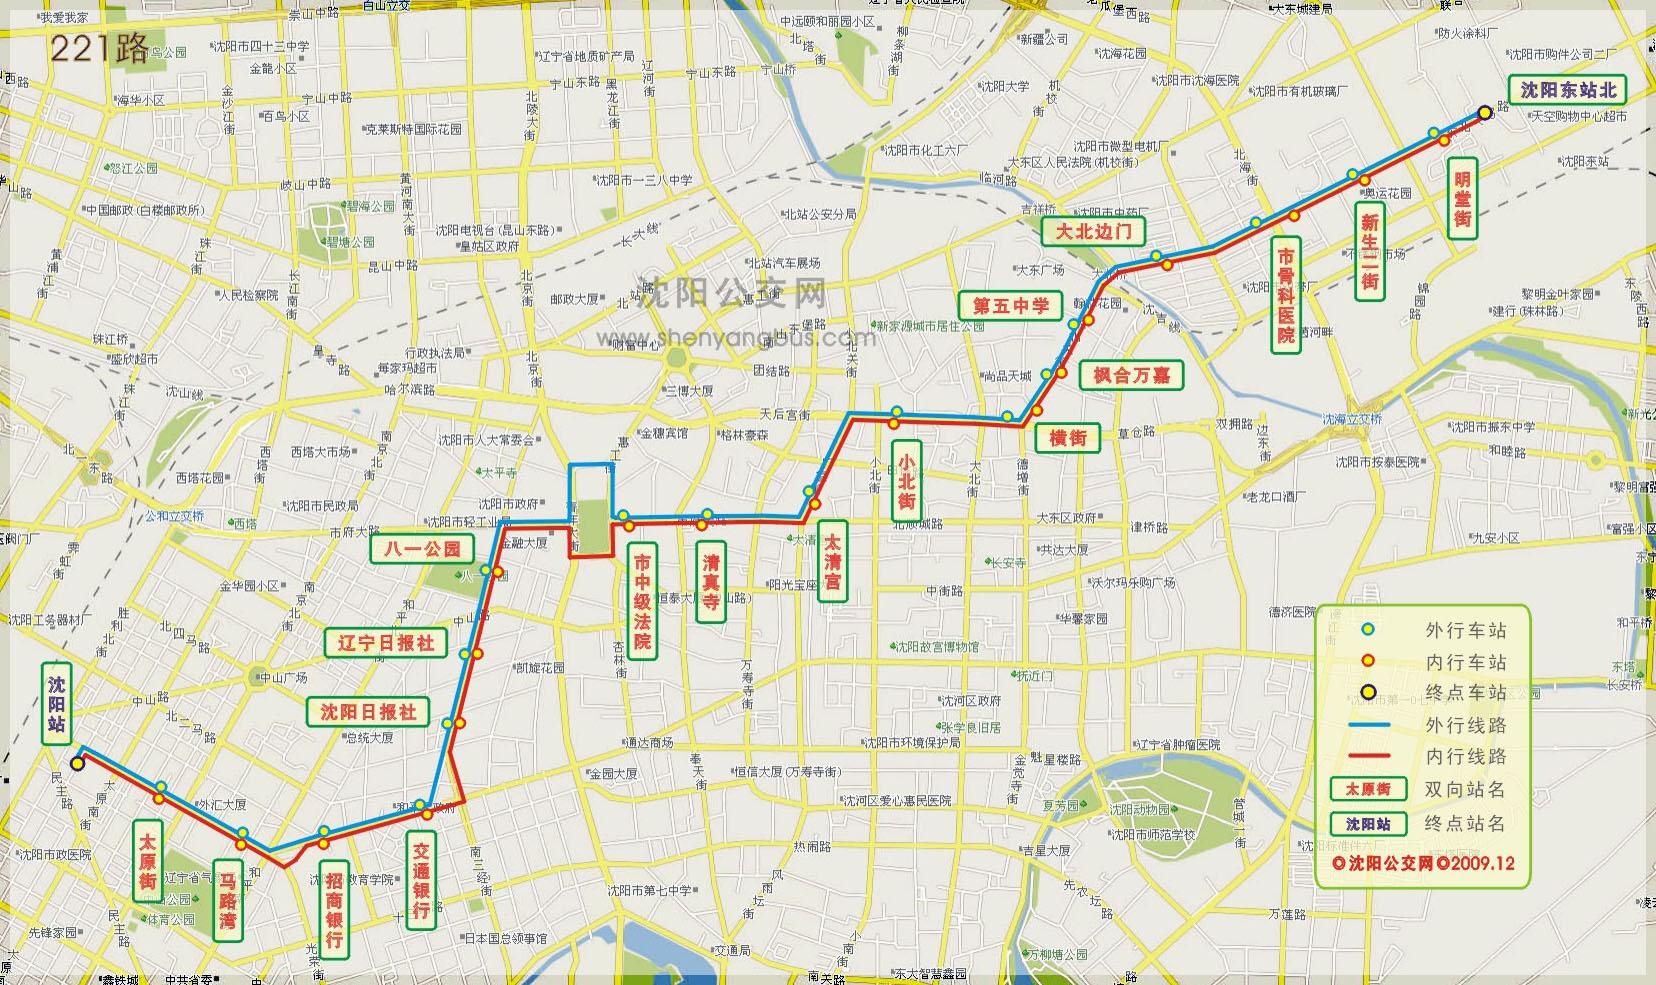 20万中级车推荐_沈阳市221路公交车都有那些站点?_百度知道